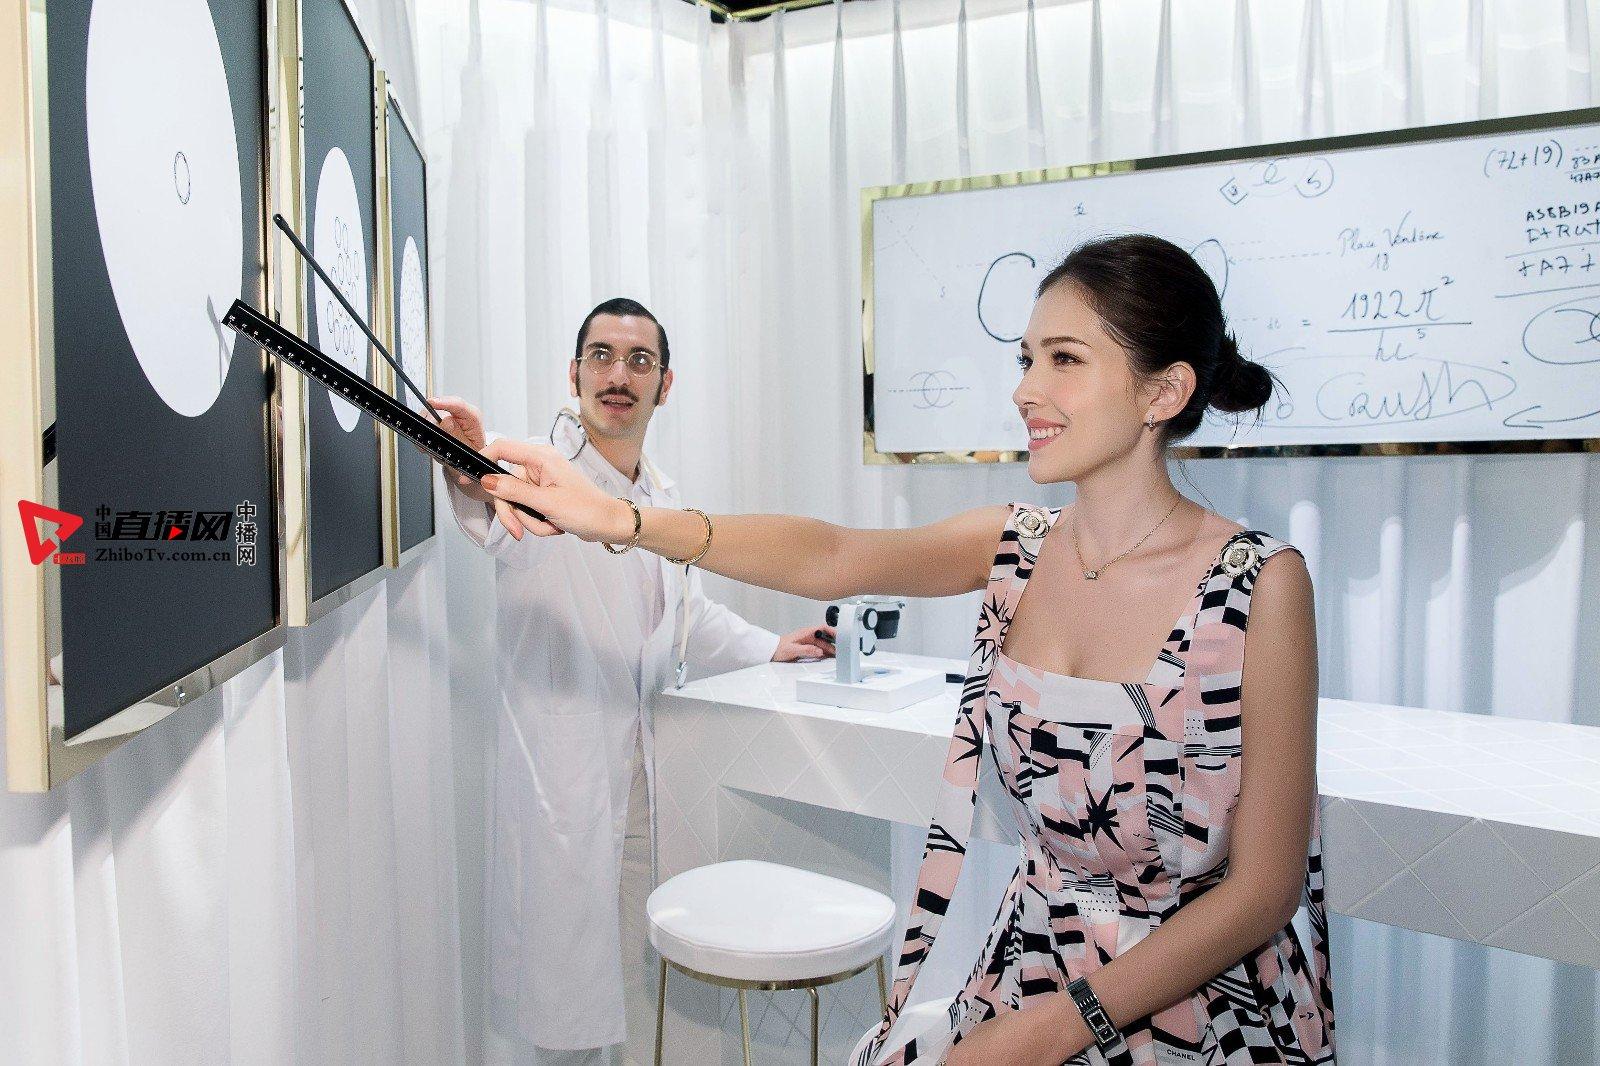 许玮甯受邀出席品牌活动 海军风印花长裙尽显优雅精致